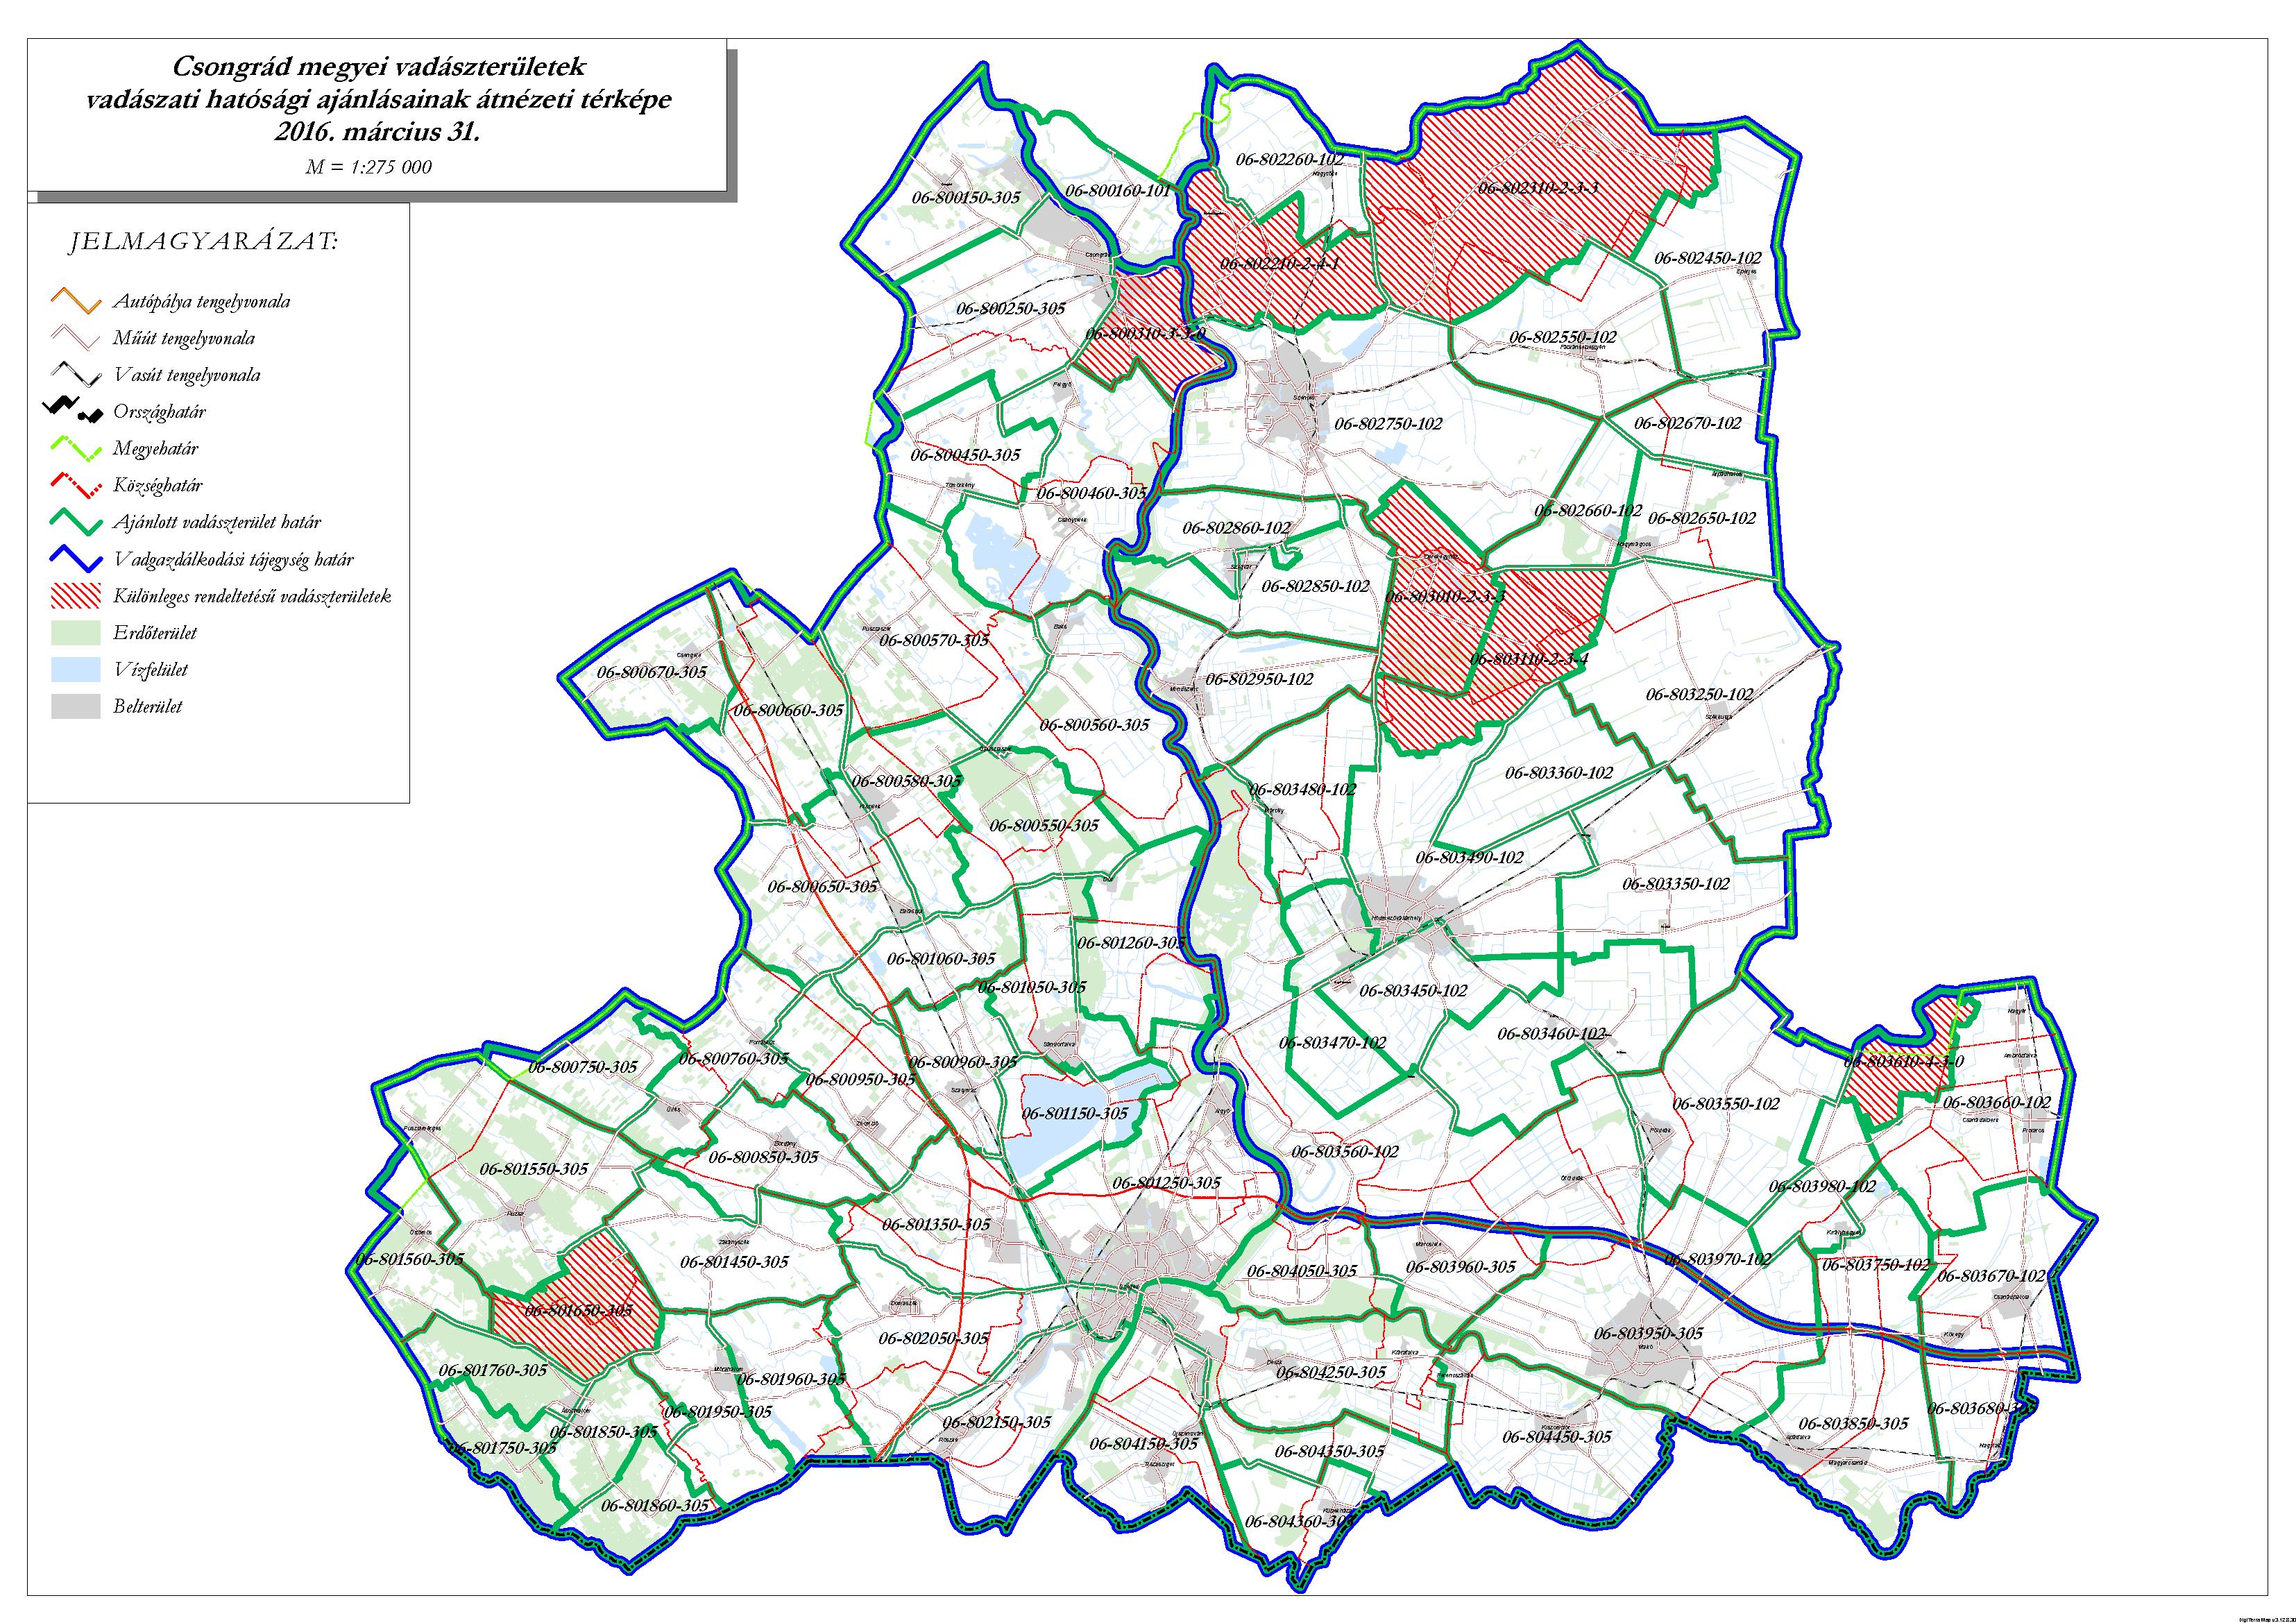 csongrád megye térkép Csongrád megyei vadászterületek vadászati hatósági ajánlásainak  csongrád megye térkép